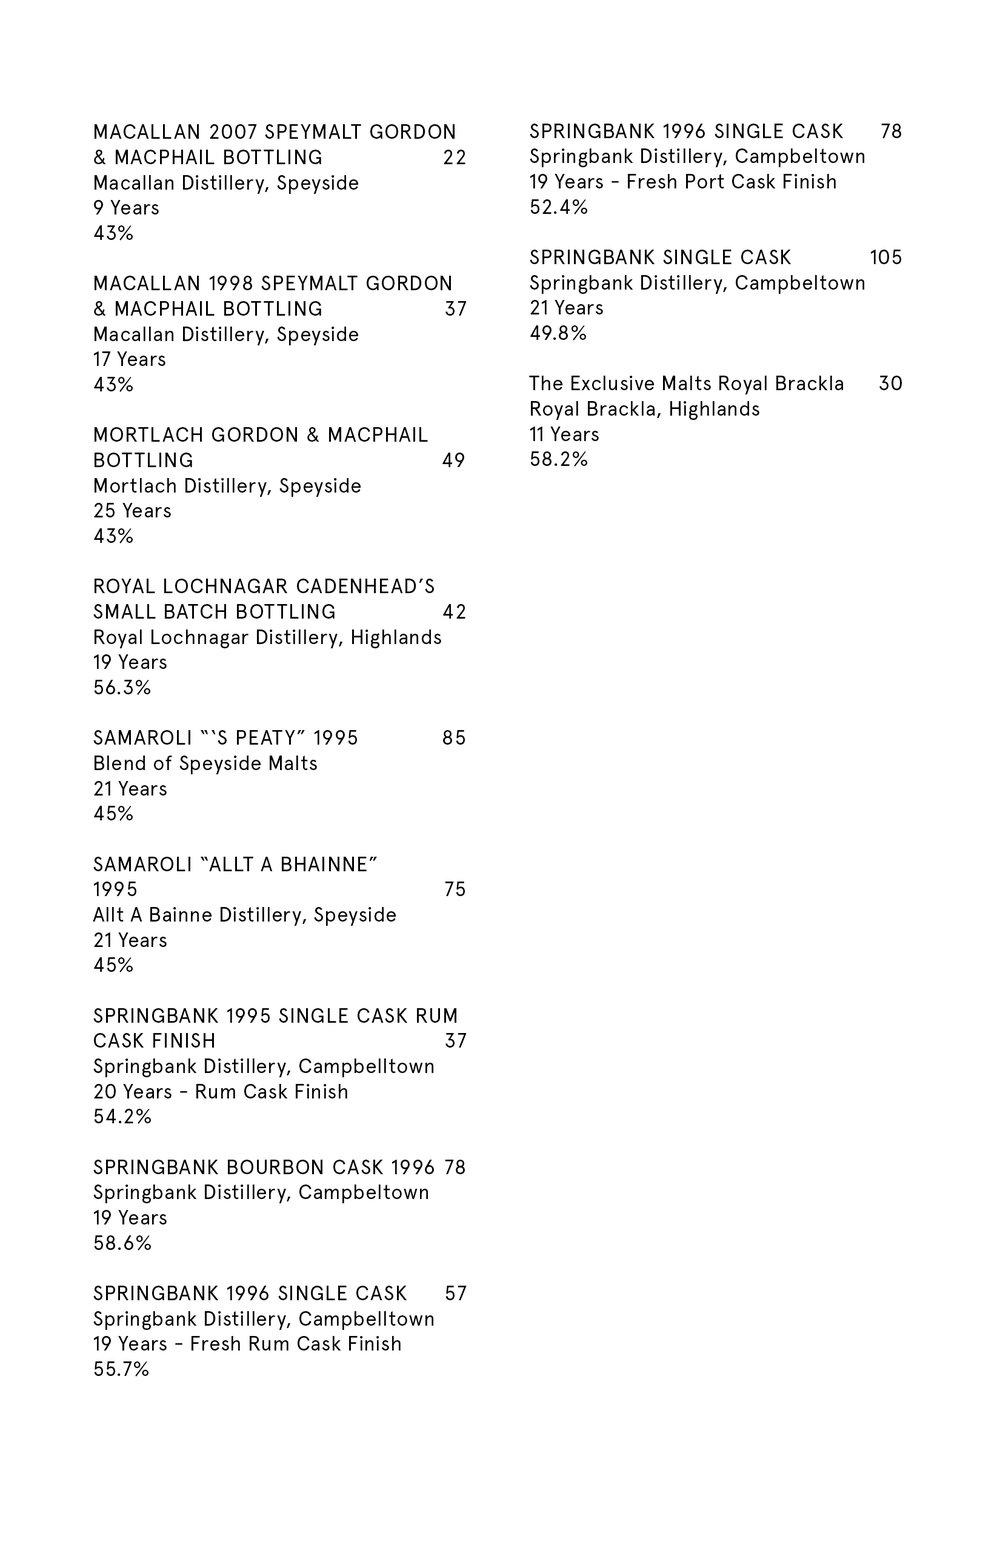 11-26-18_milkroom_main11.jpg